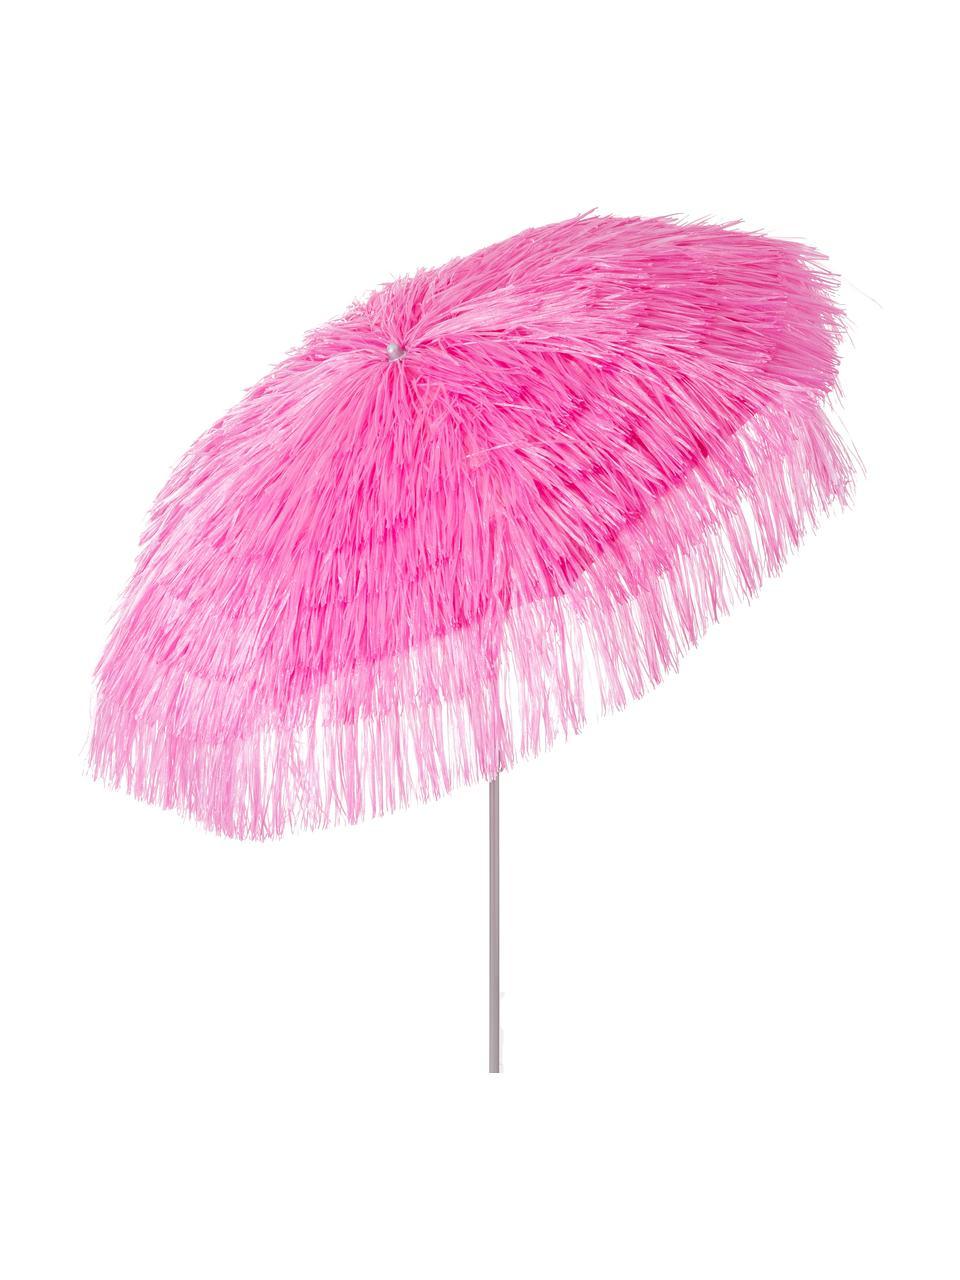 Sonnenschirm Hawaii in Pink mit Fransen, Ø 200 cm, Pink, Ø 200 x H 210 cm